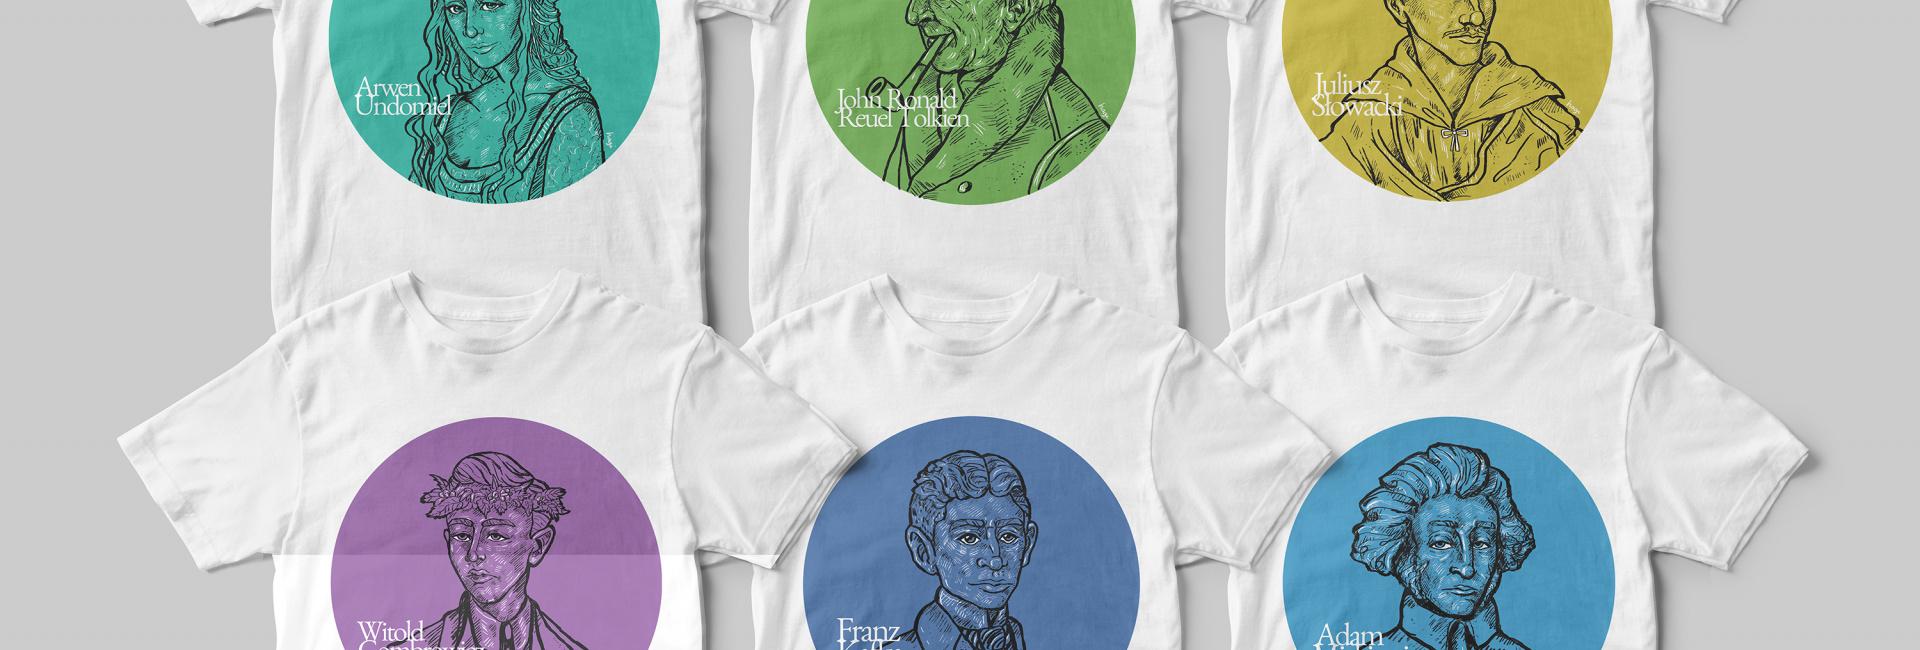 Projekty T-shirtów #2